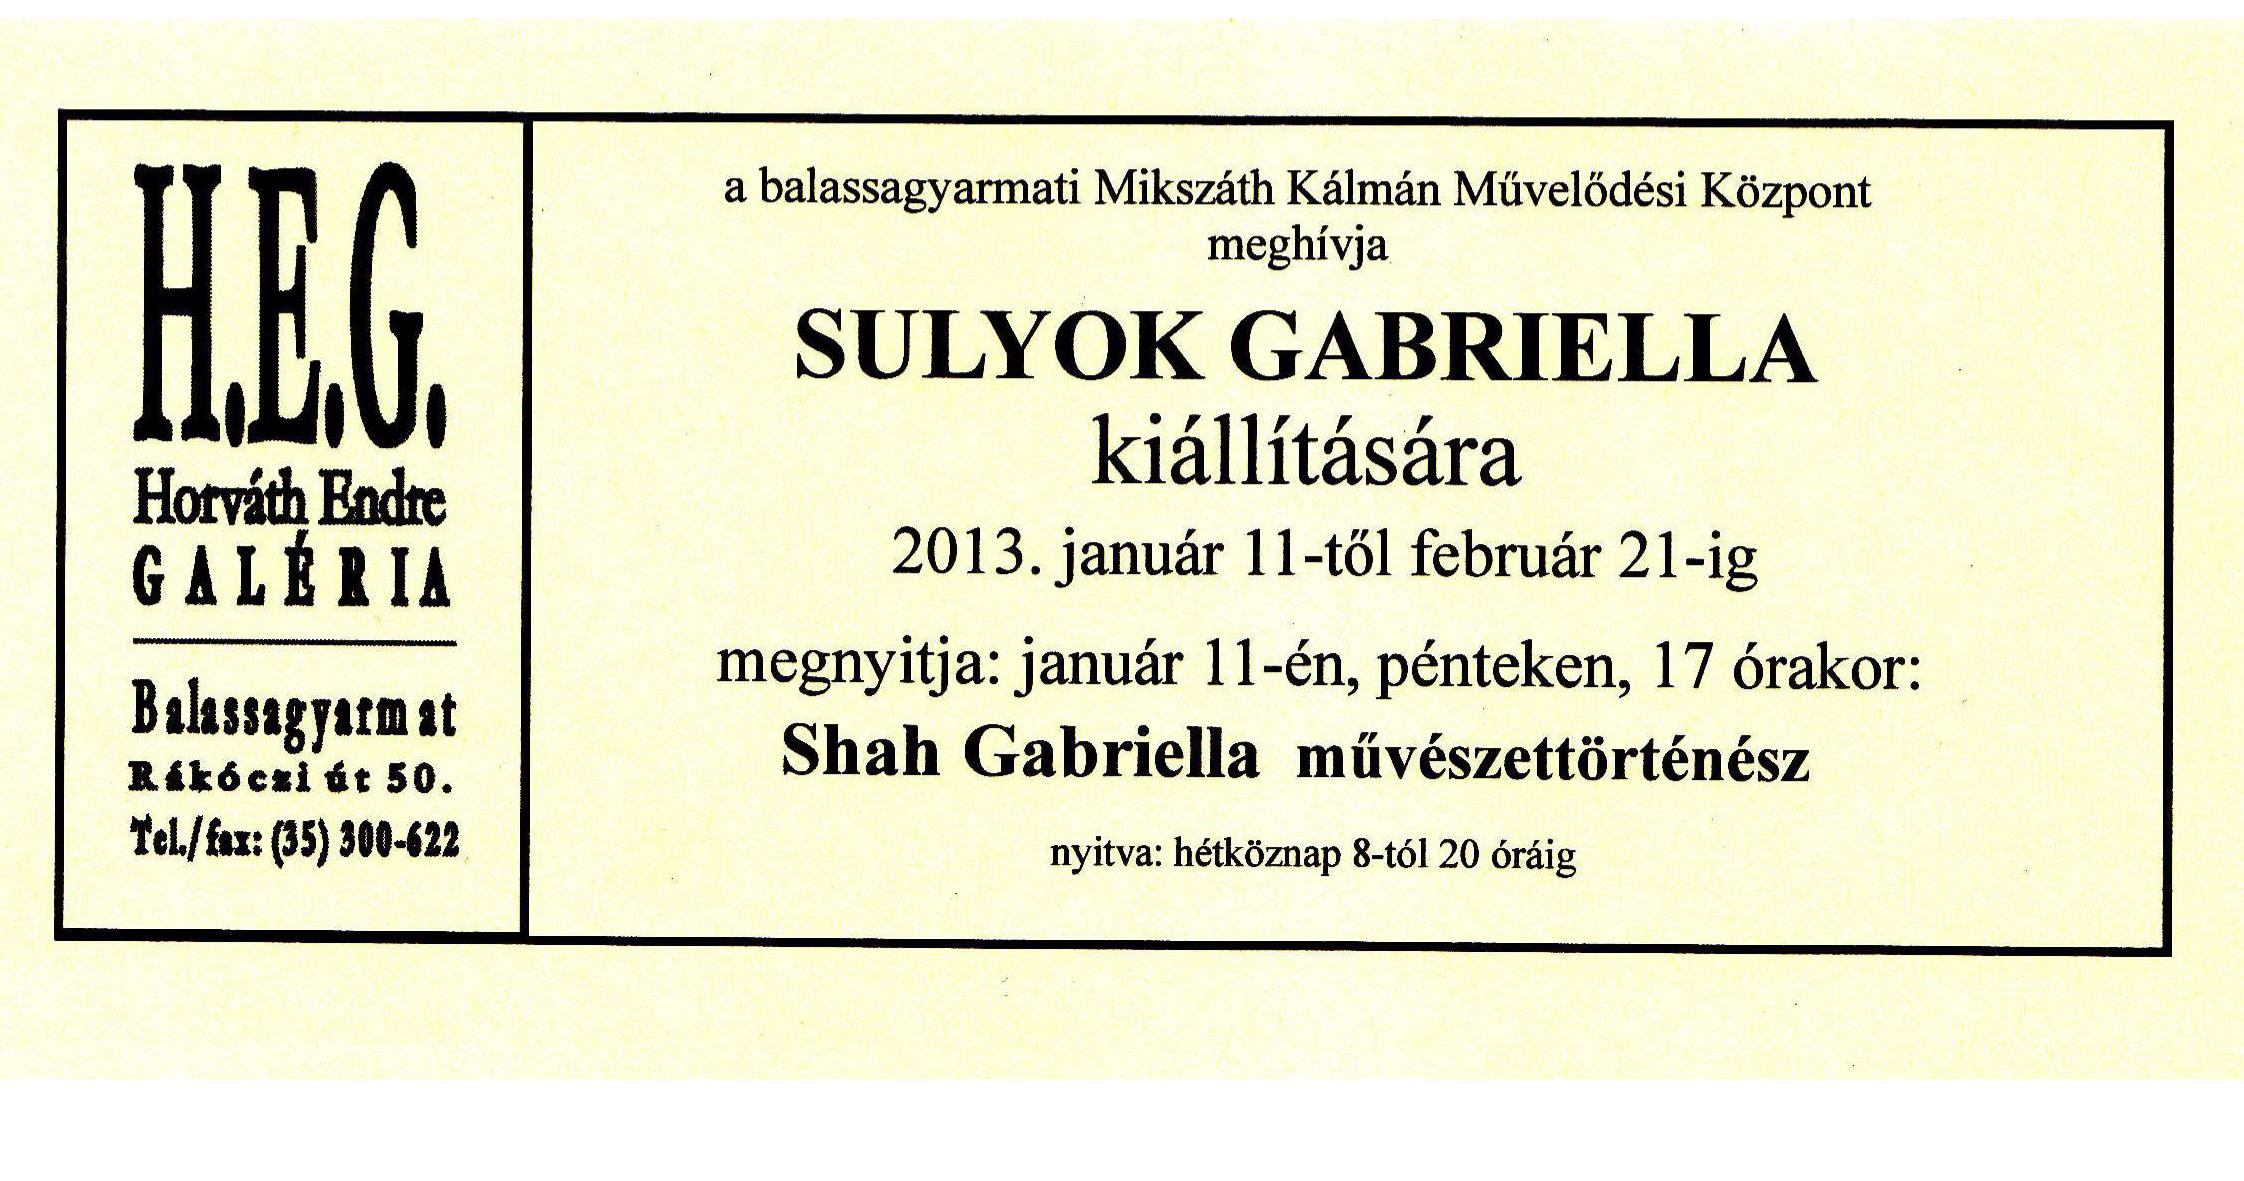 Sulyok G. meghívó 2.JPG